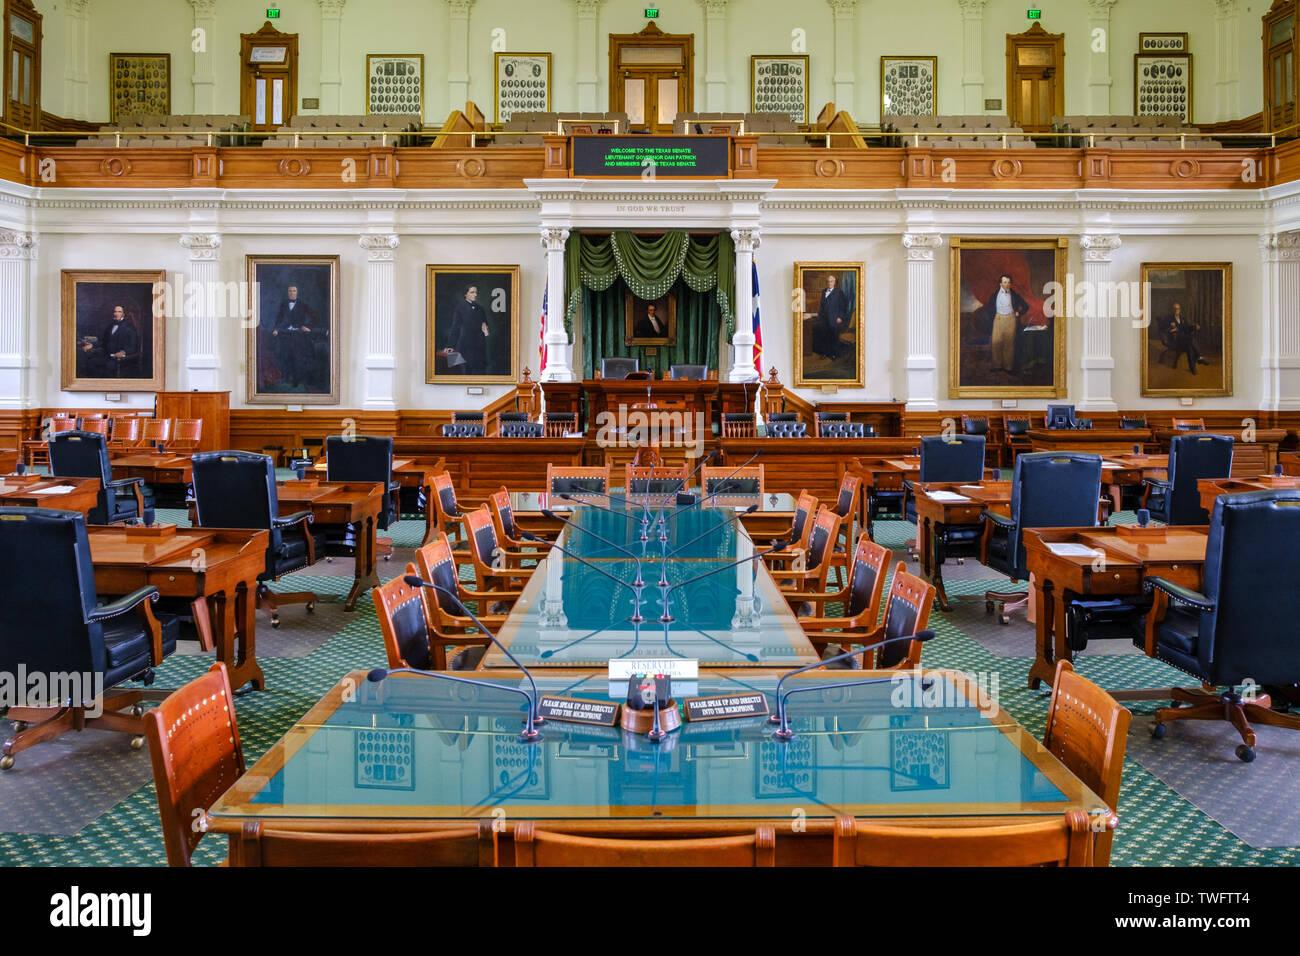 AUSTIN, Texas - El interior de la cámara del Senado de la Legislatura del Estado de Texas en el interior del Capitolio del Estado de Texas, en Austin, Texas. Foto de stock